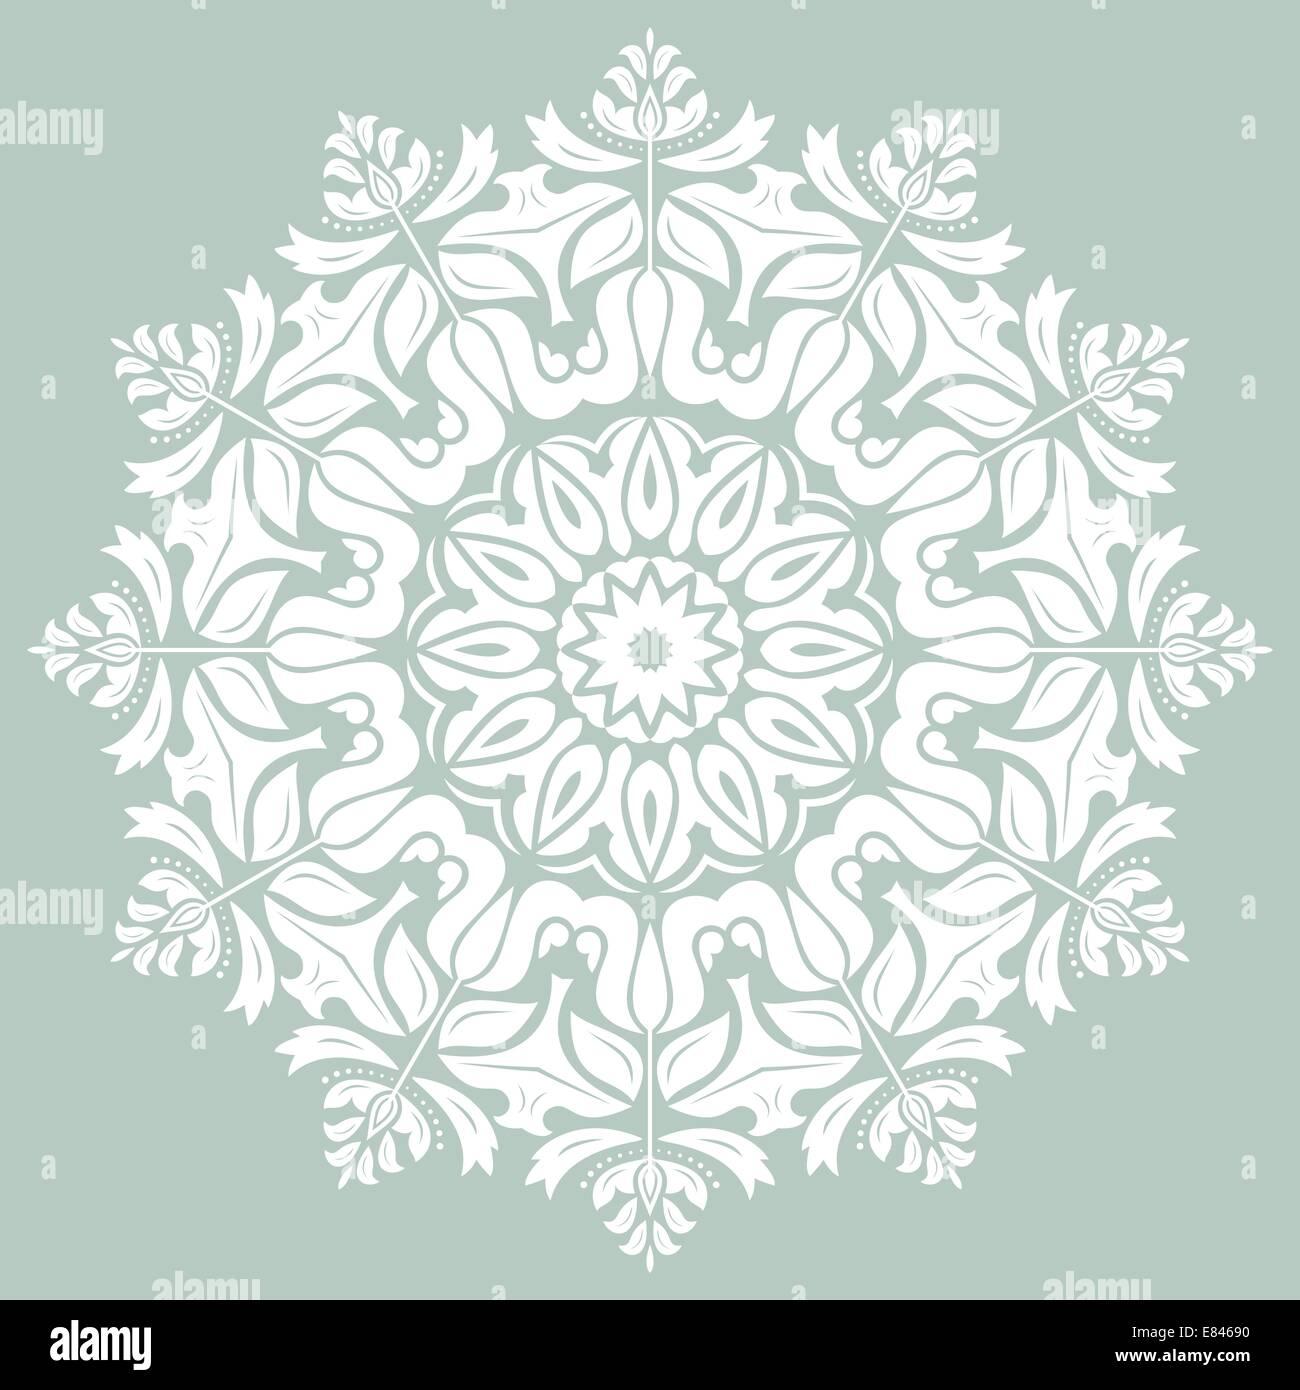 Orientalische Vektormuster mit Damast, Arabesken und floralen Elementen. Zusammenfassung Hintergrund Stockbild